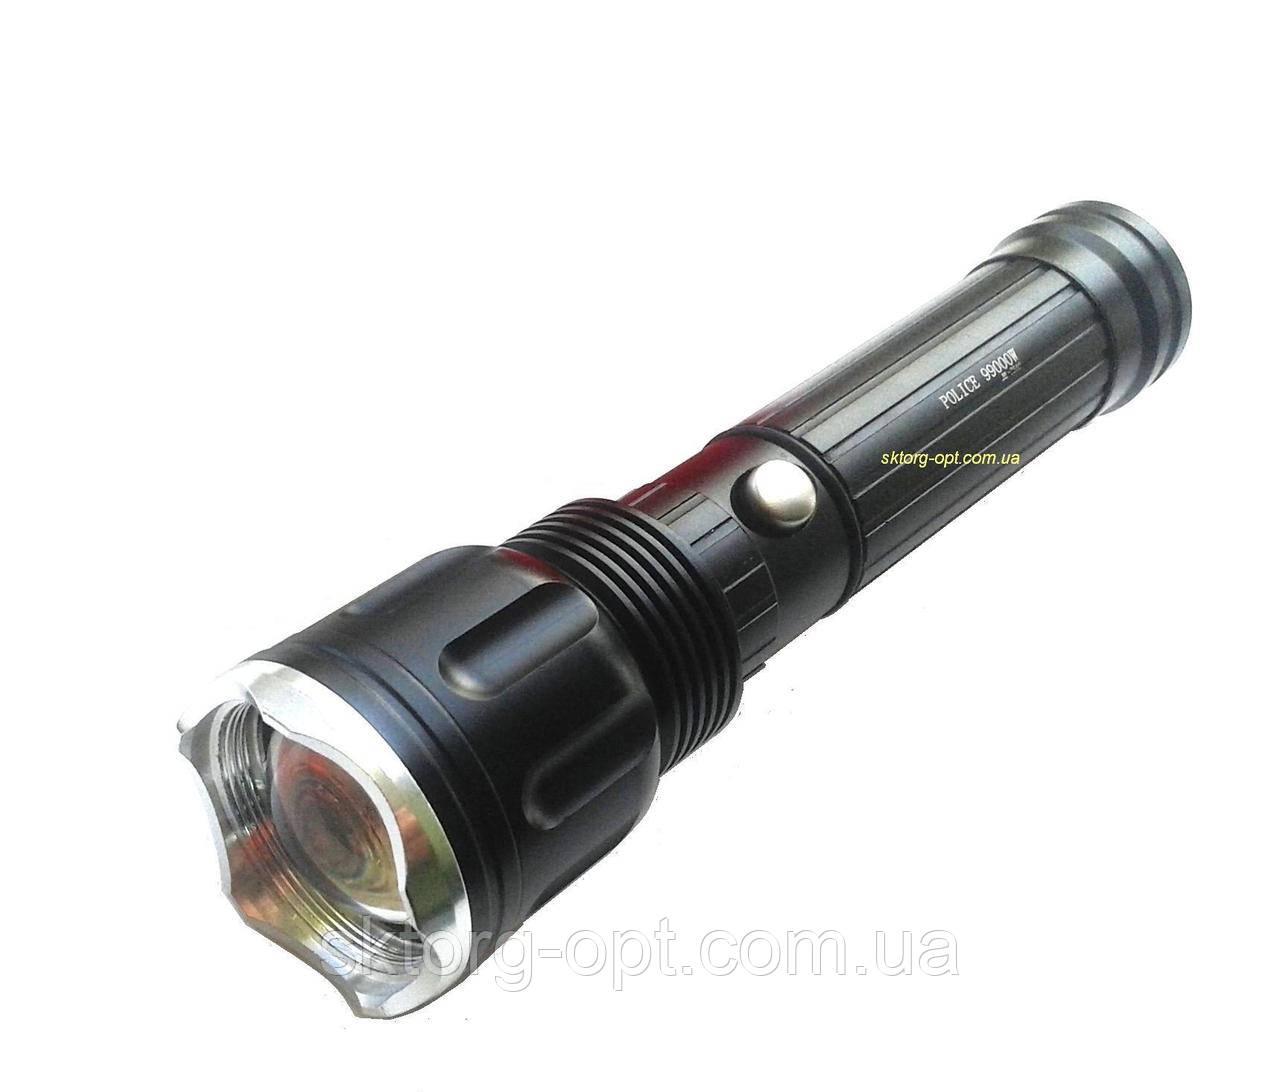 Светодиодный аккумуляторный фонарь BL-TS60 с магнитом